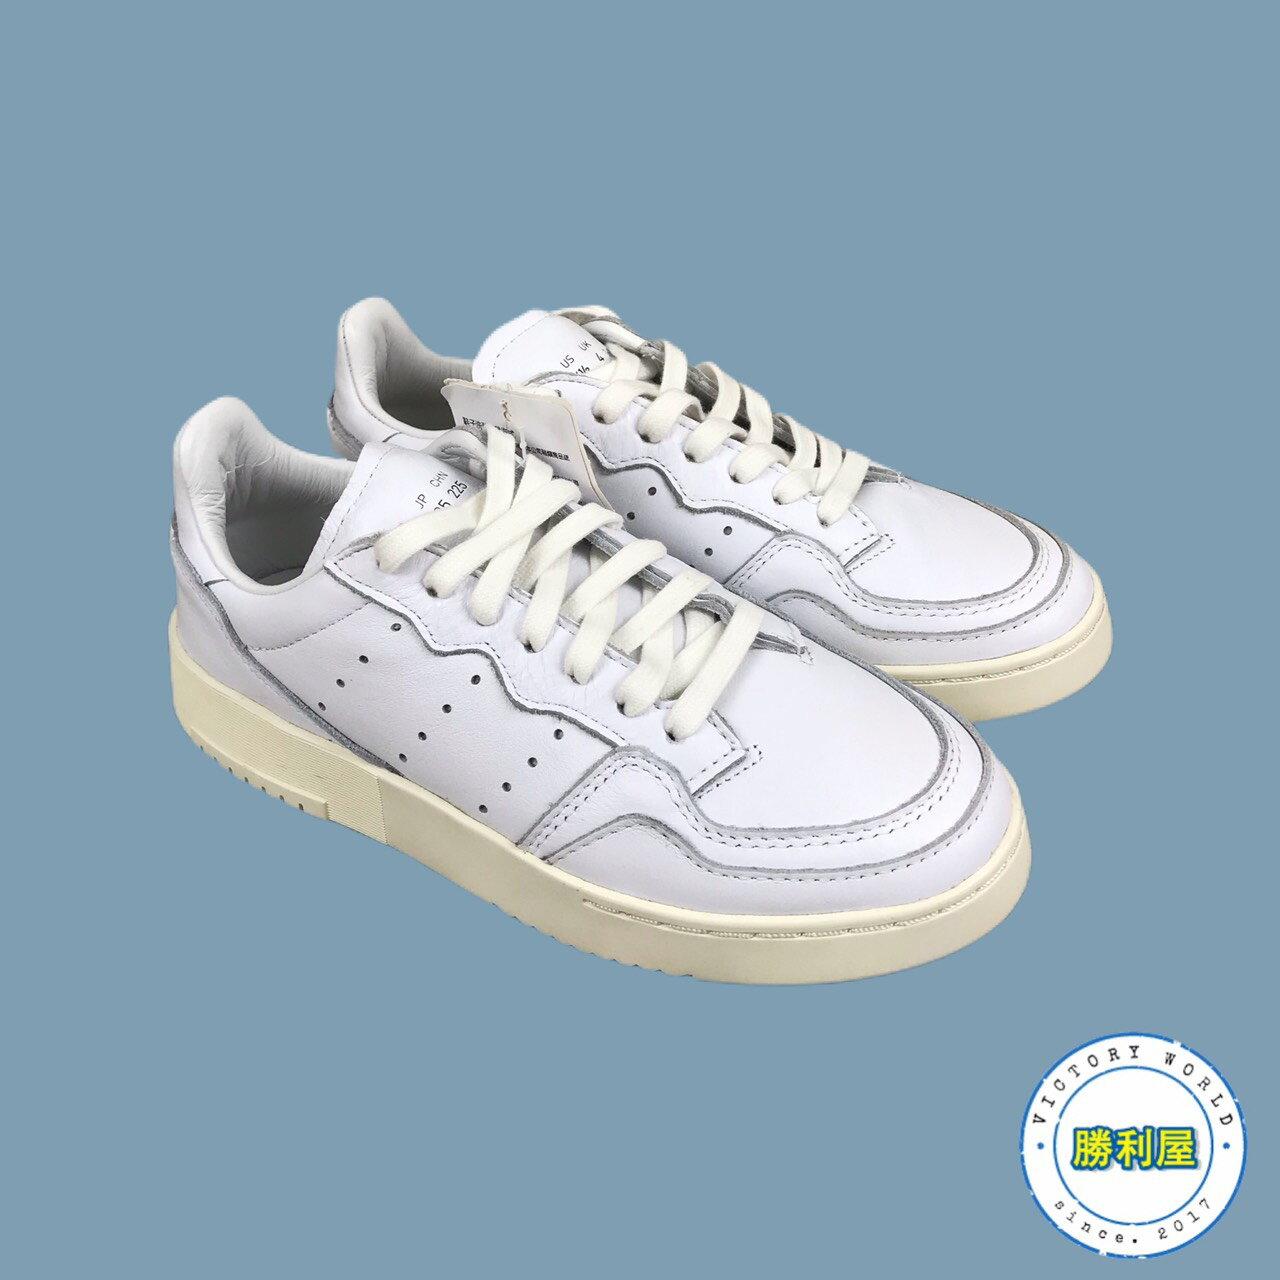 【領券最高折$350】【ADIDAS】SUPERCOURT 男鞋 女鞋 休閒鞋 全白 皮革 復古 熱門款 EE6325【勝利屋】